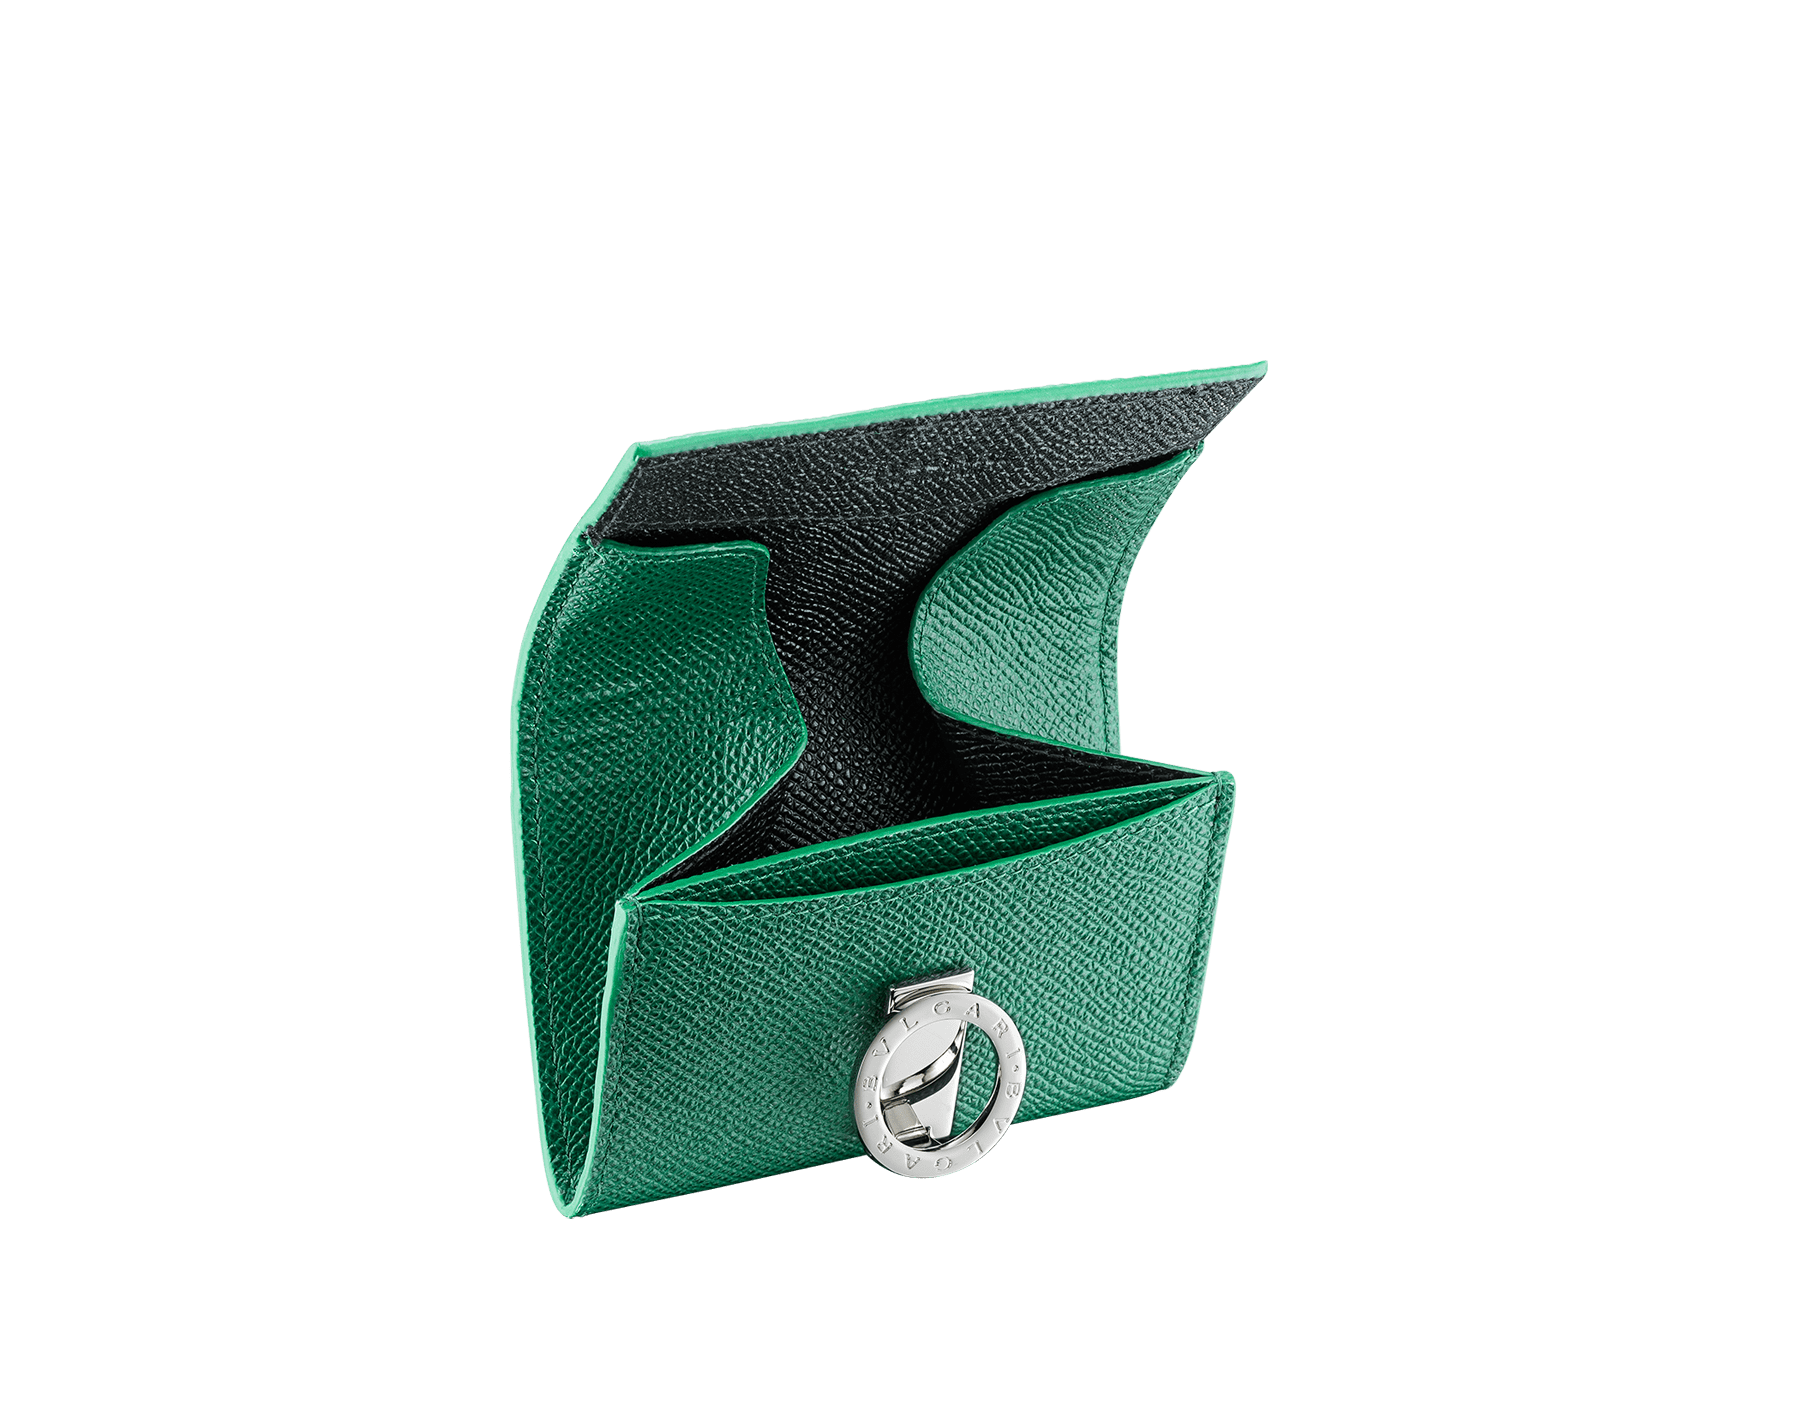 """""""BVLGARI BVLGARI"""" Geldbörse aus smaragdgrünem und schwarzem genarbten Kalbsleder mit einem Futter aus schwarzem Nappaleder. Ikonische Verschlussklammer mit Logo aus palladiumbeschichtetem Messing. BCM-WLT-S-RECTa image 2"""